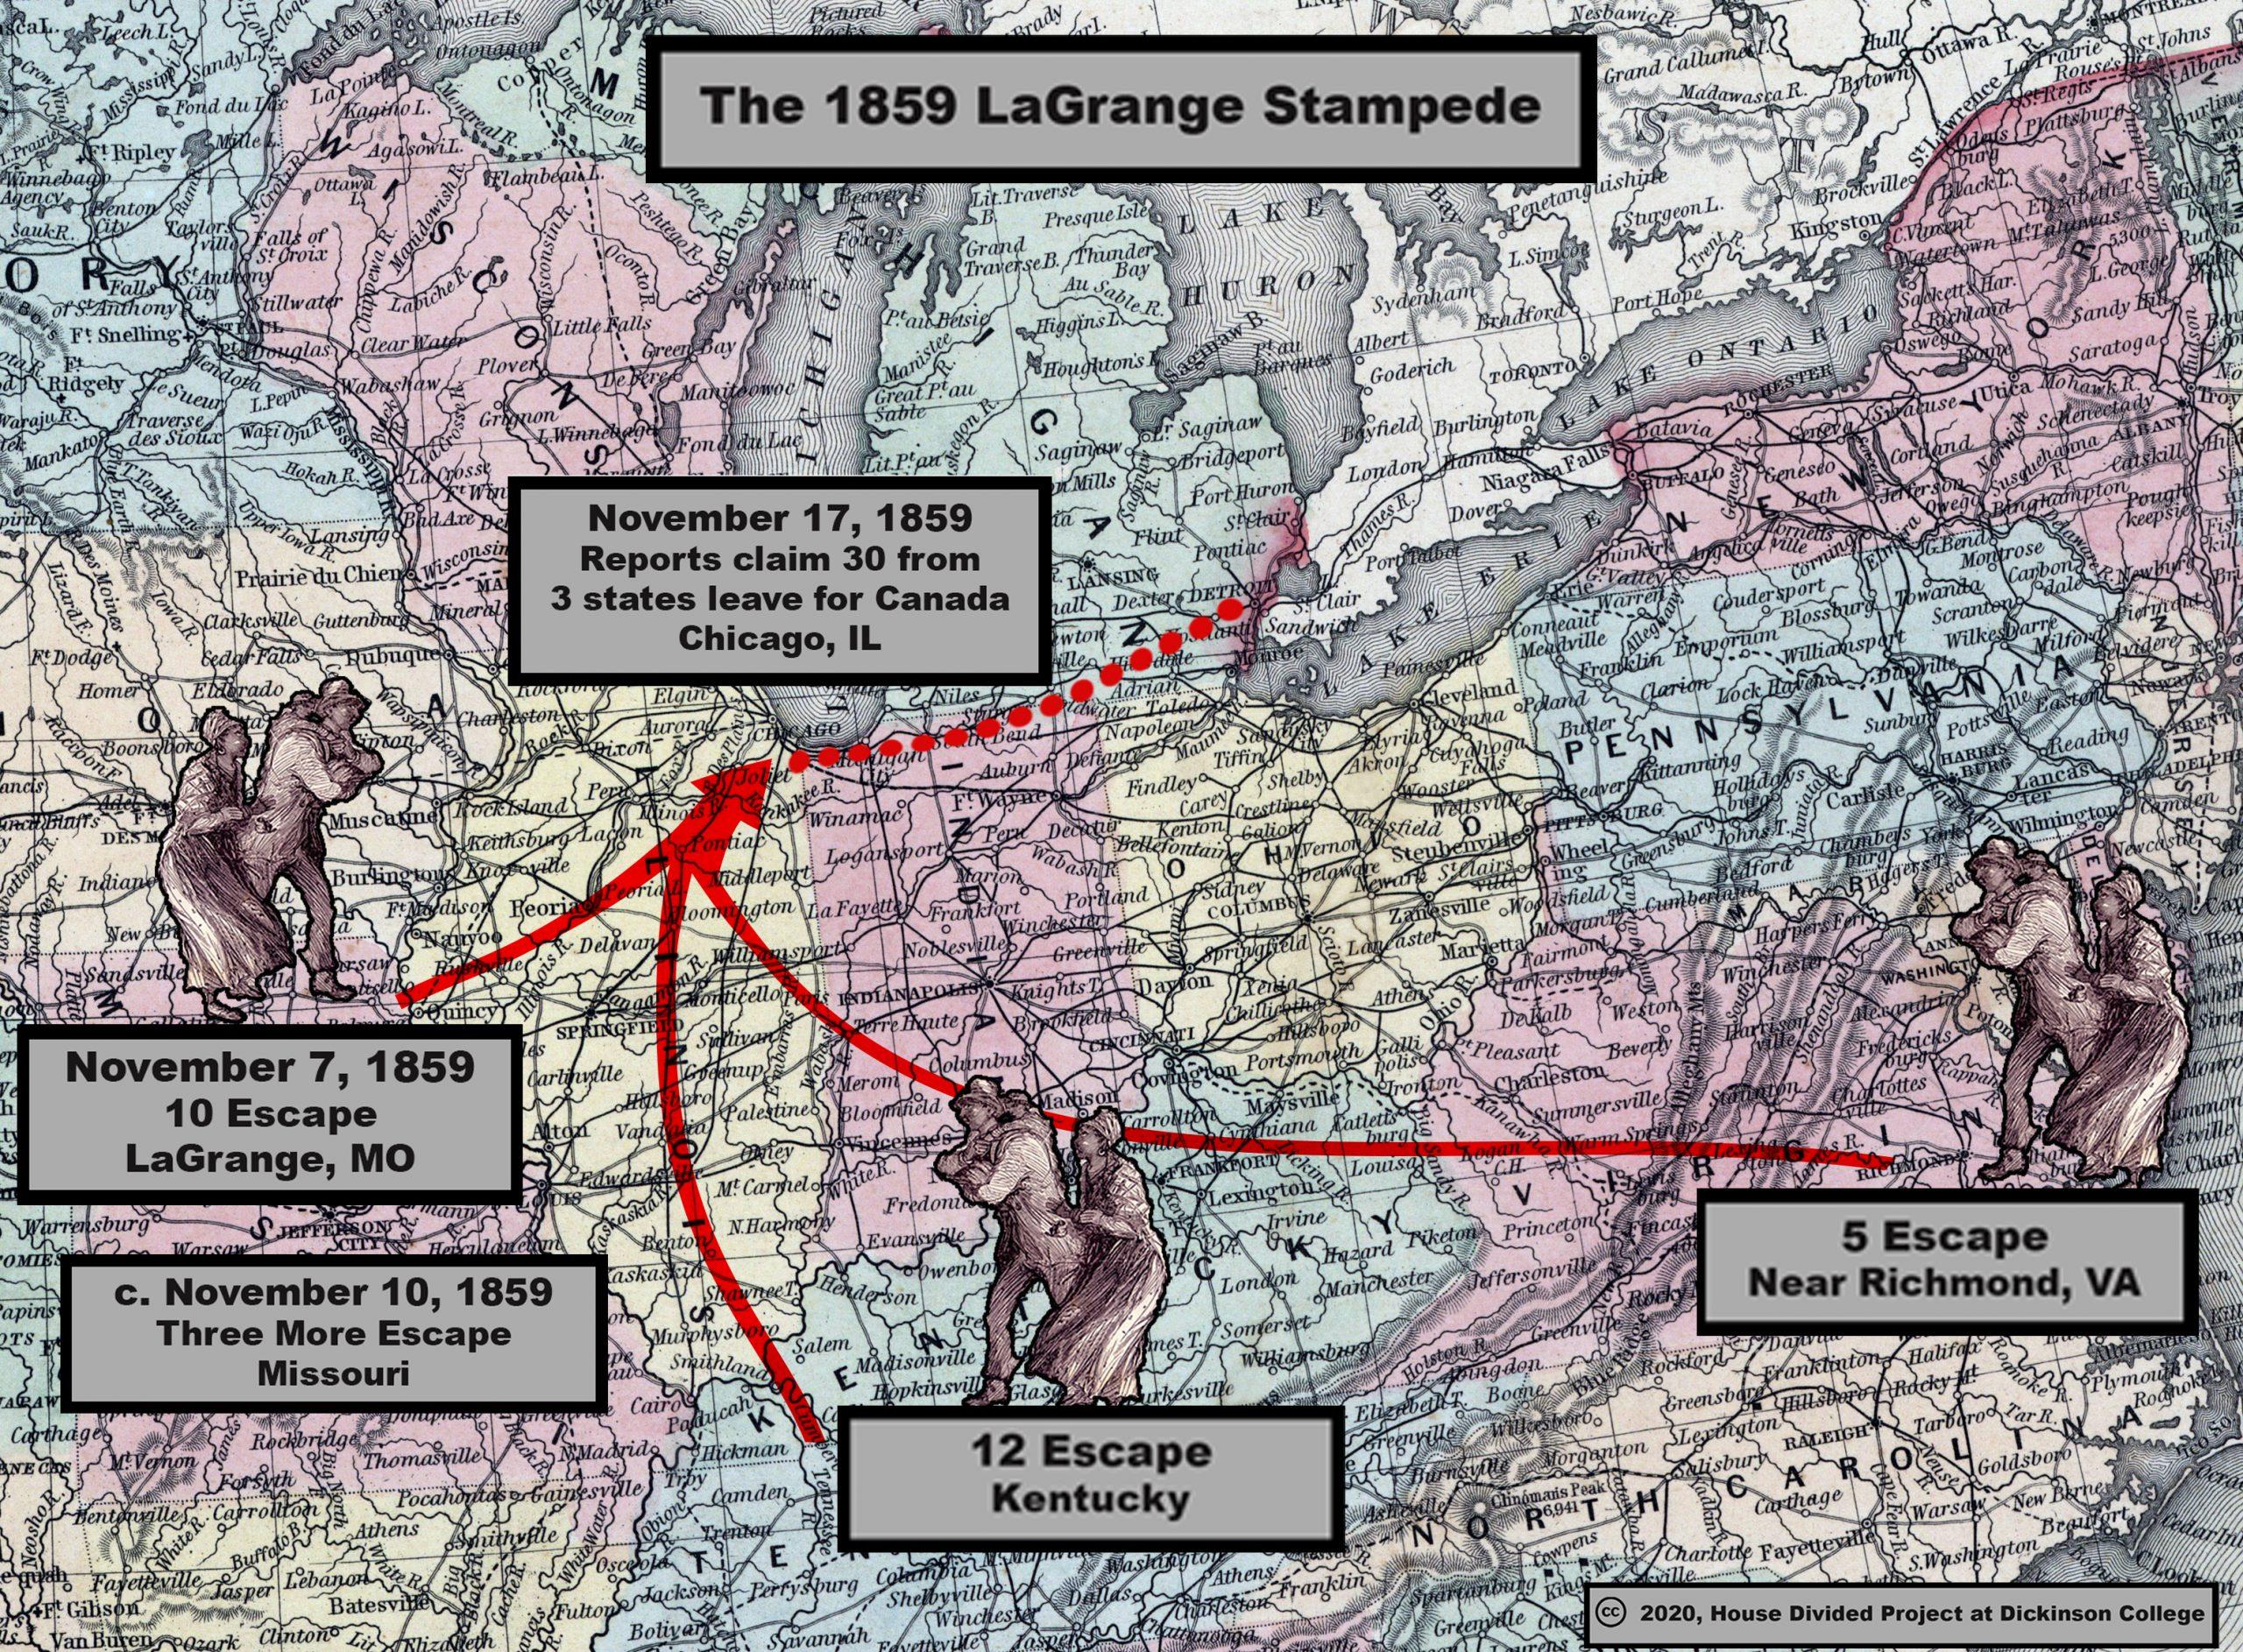 LaGrange origins map